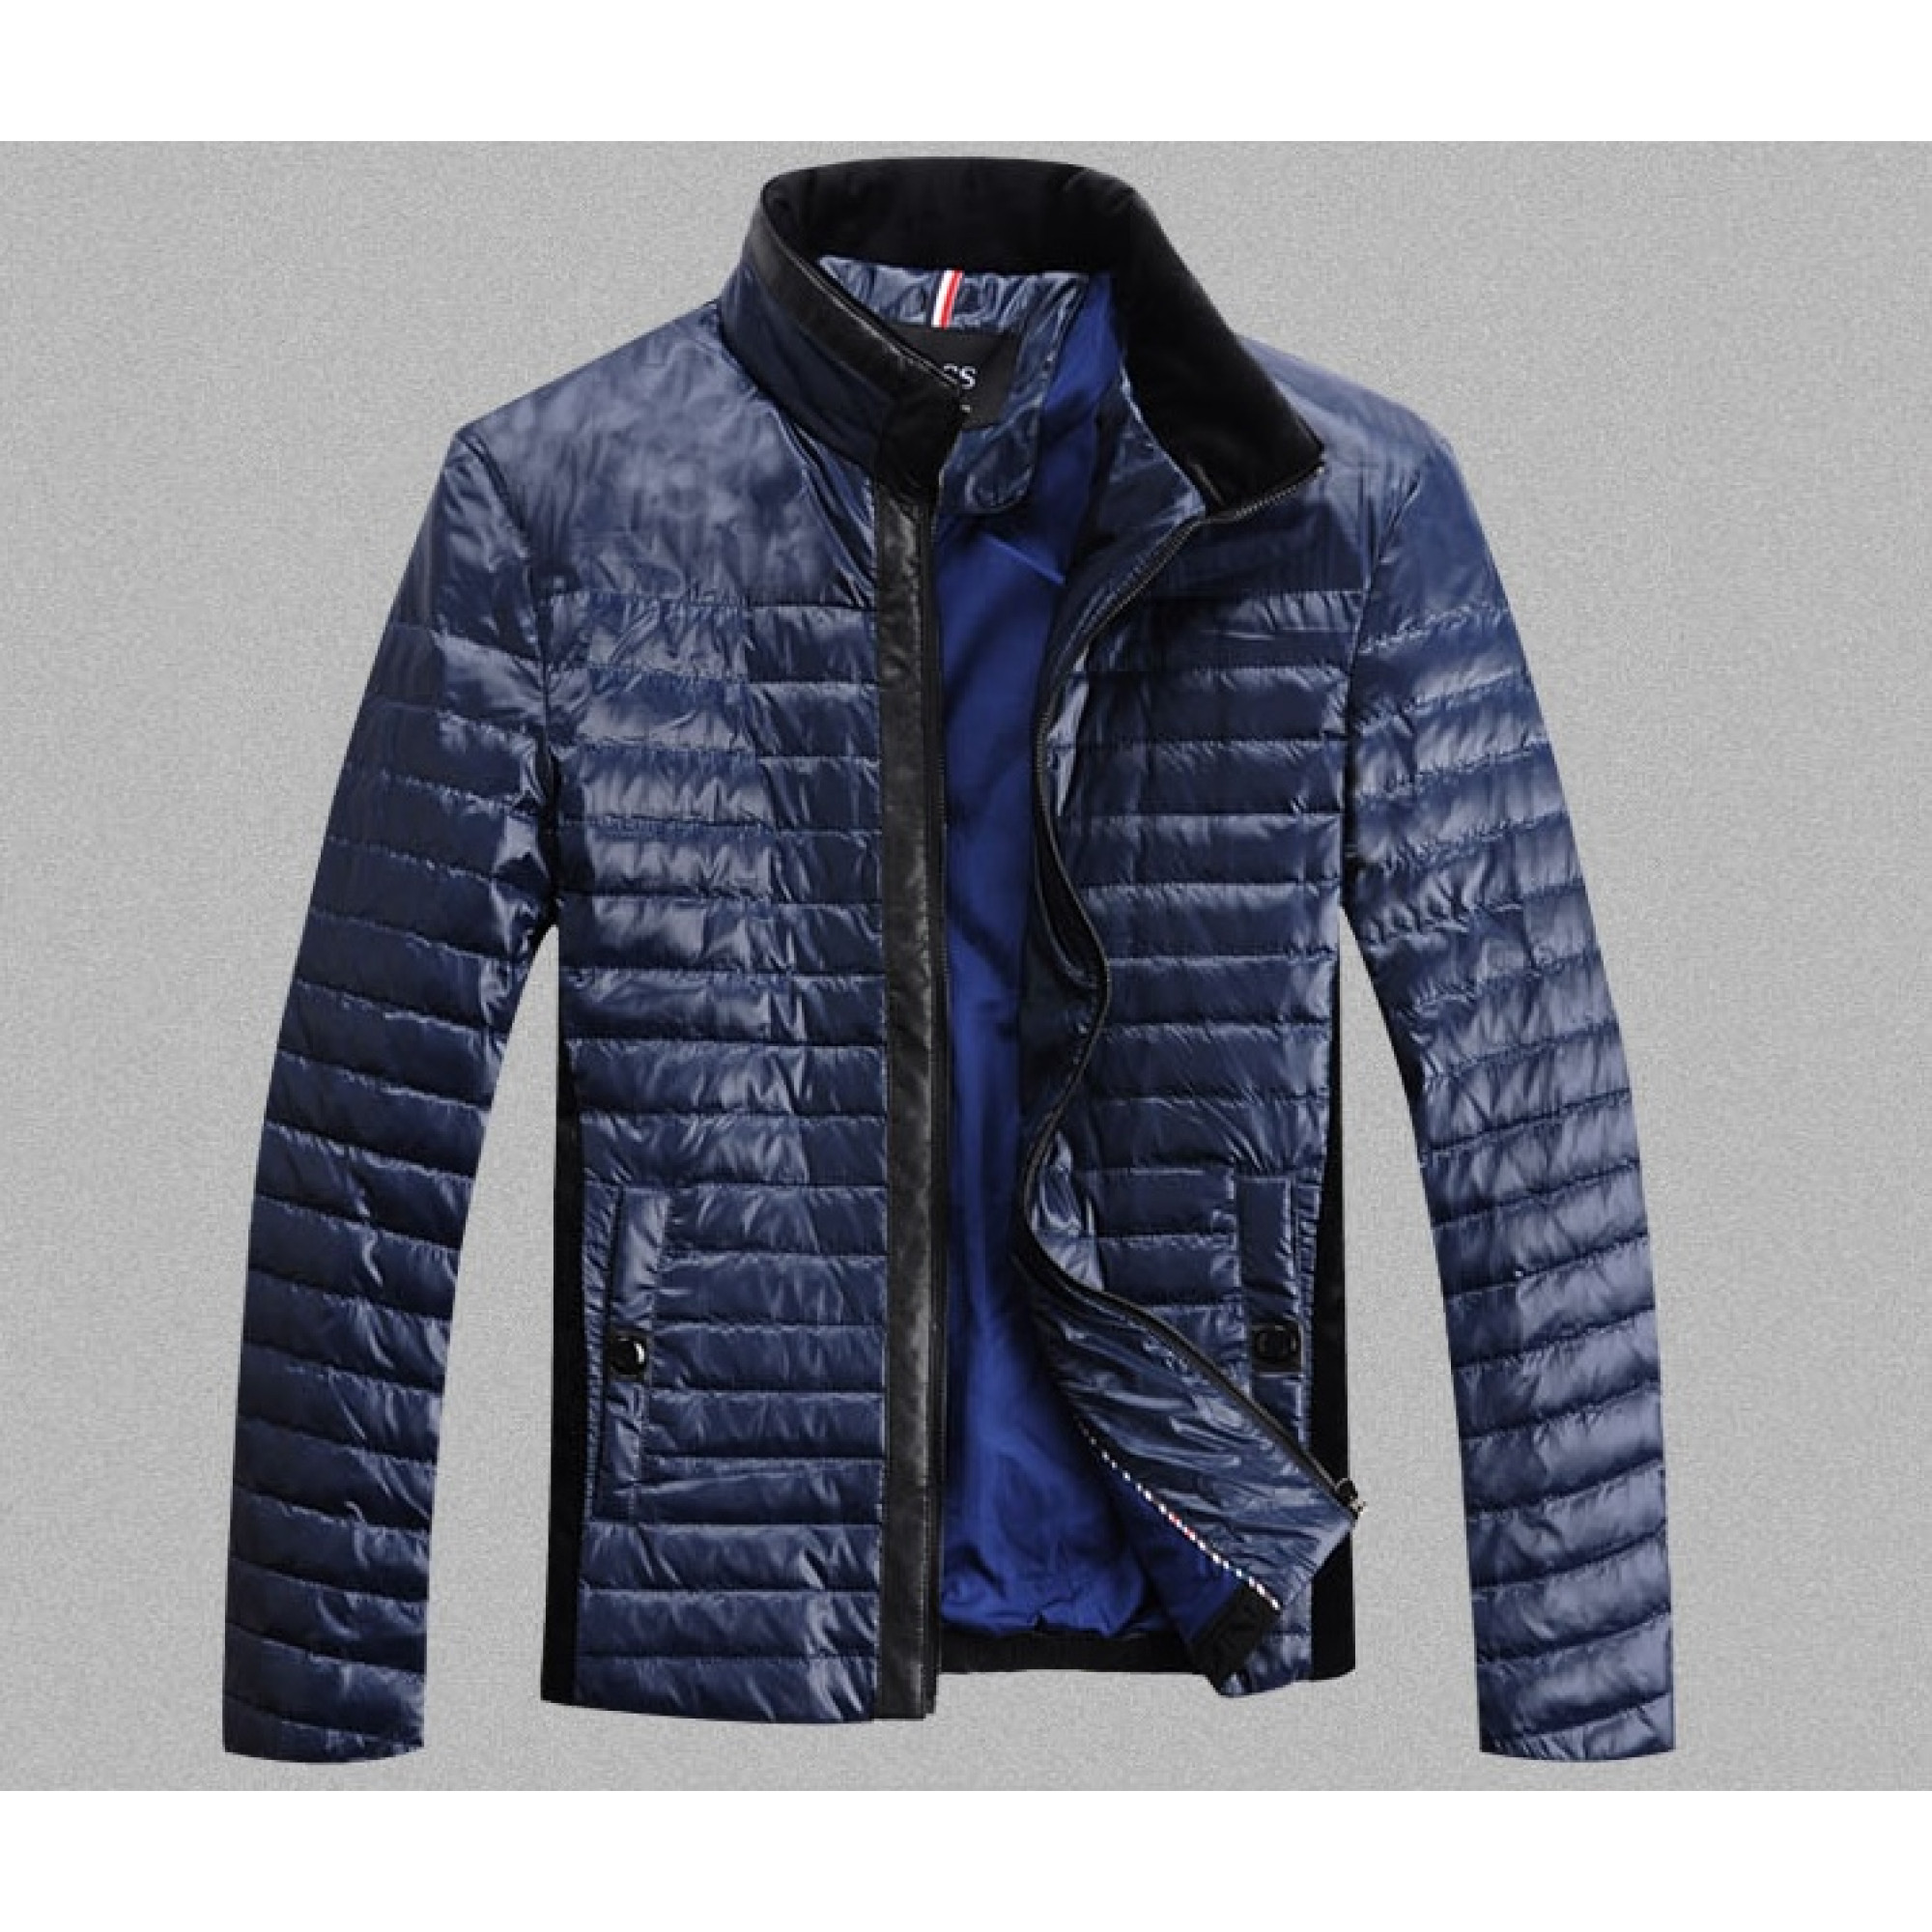 45c04d9d Купить теплая куртка Hugo Boss — в Киеве, код товара 1787